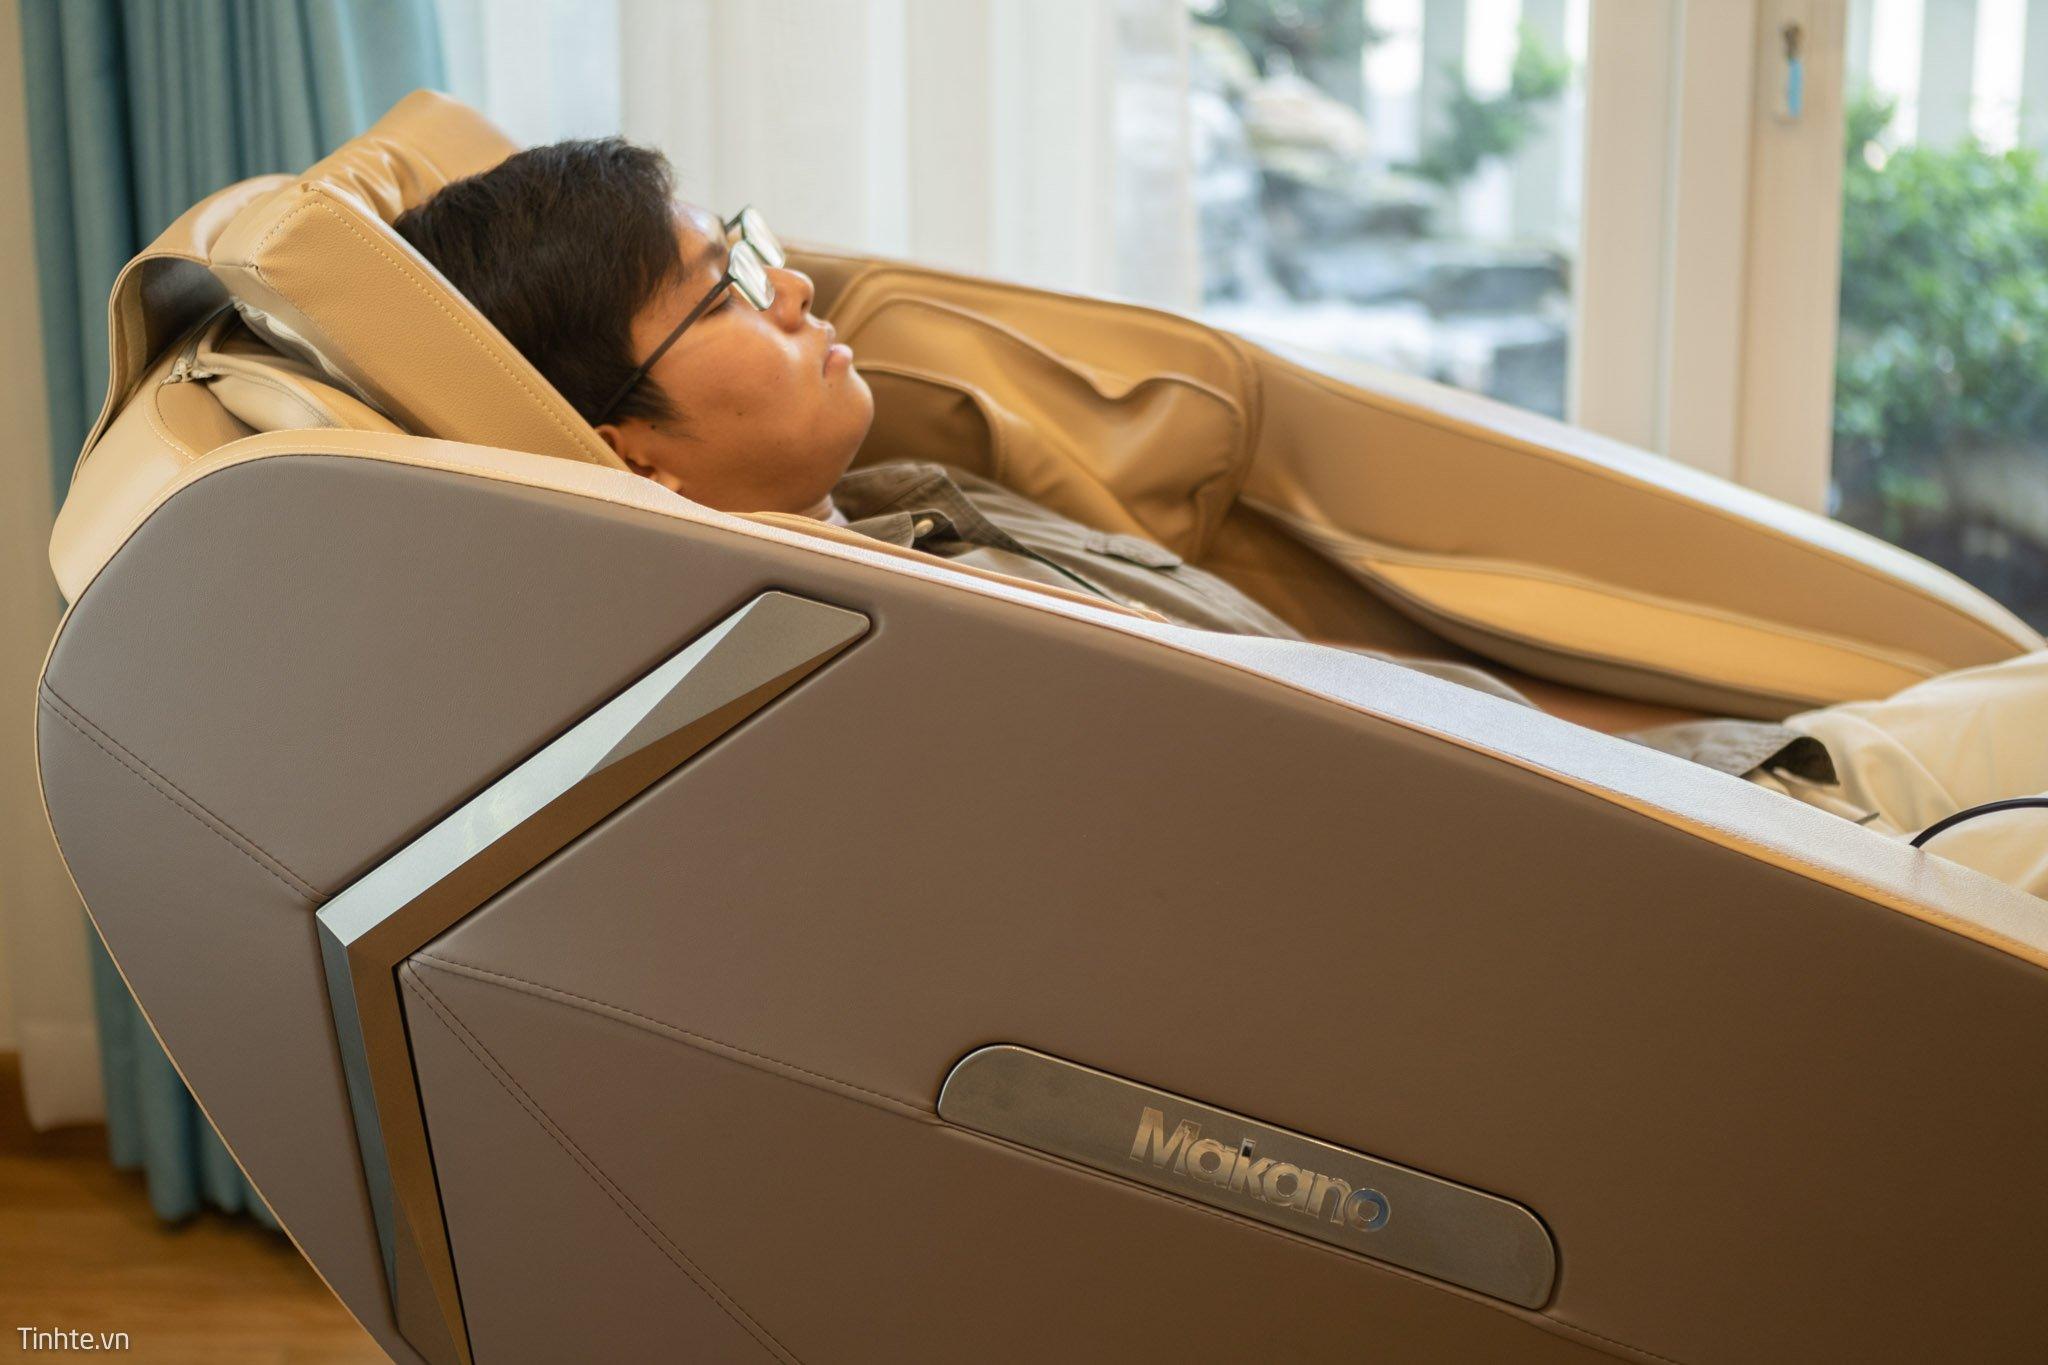 Trước khi tìm hiểu ghế massage bán ở đâu, bạn cần xác định rõ nhu cầu sử dụng ghế massage